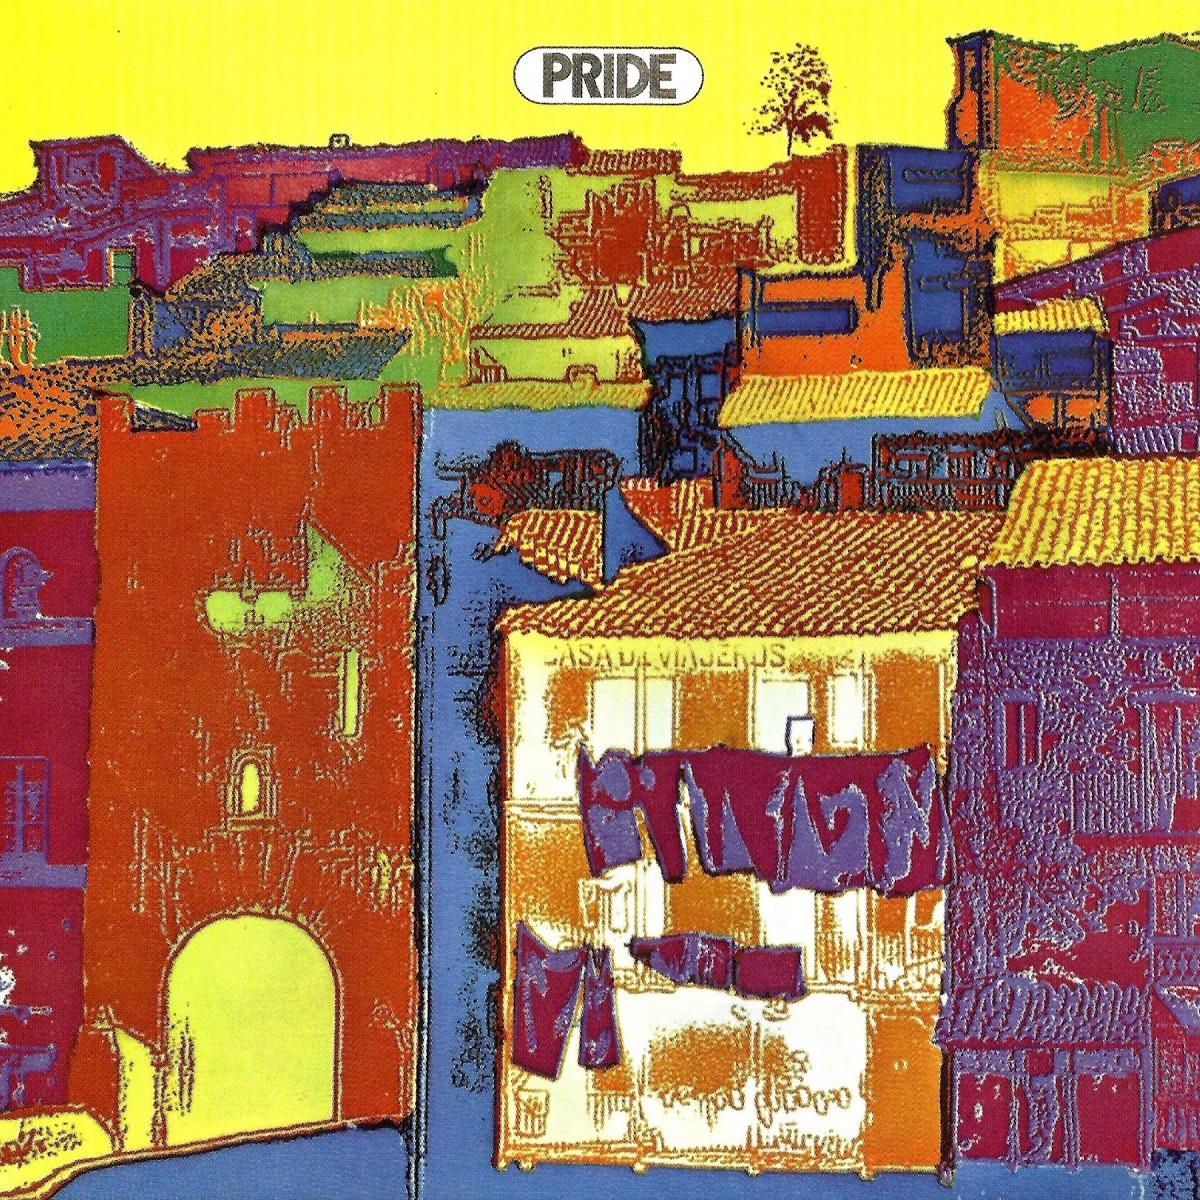 PRIDE (DAVID AXELROD) / PRIDE [LP]